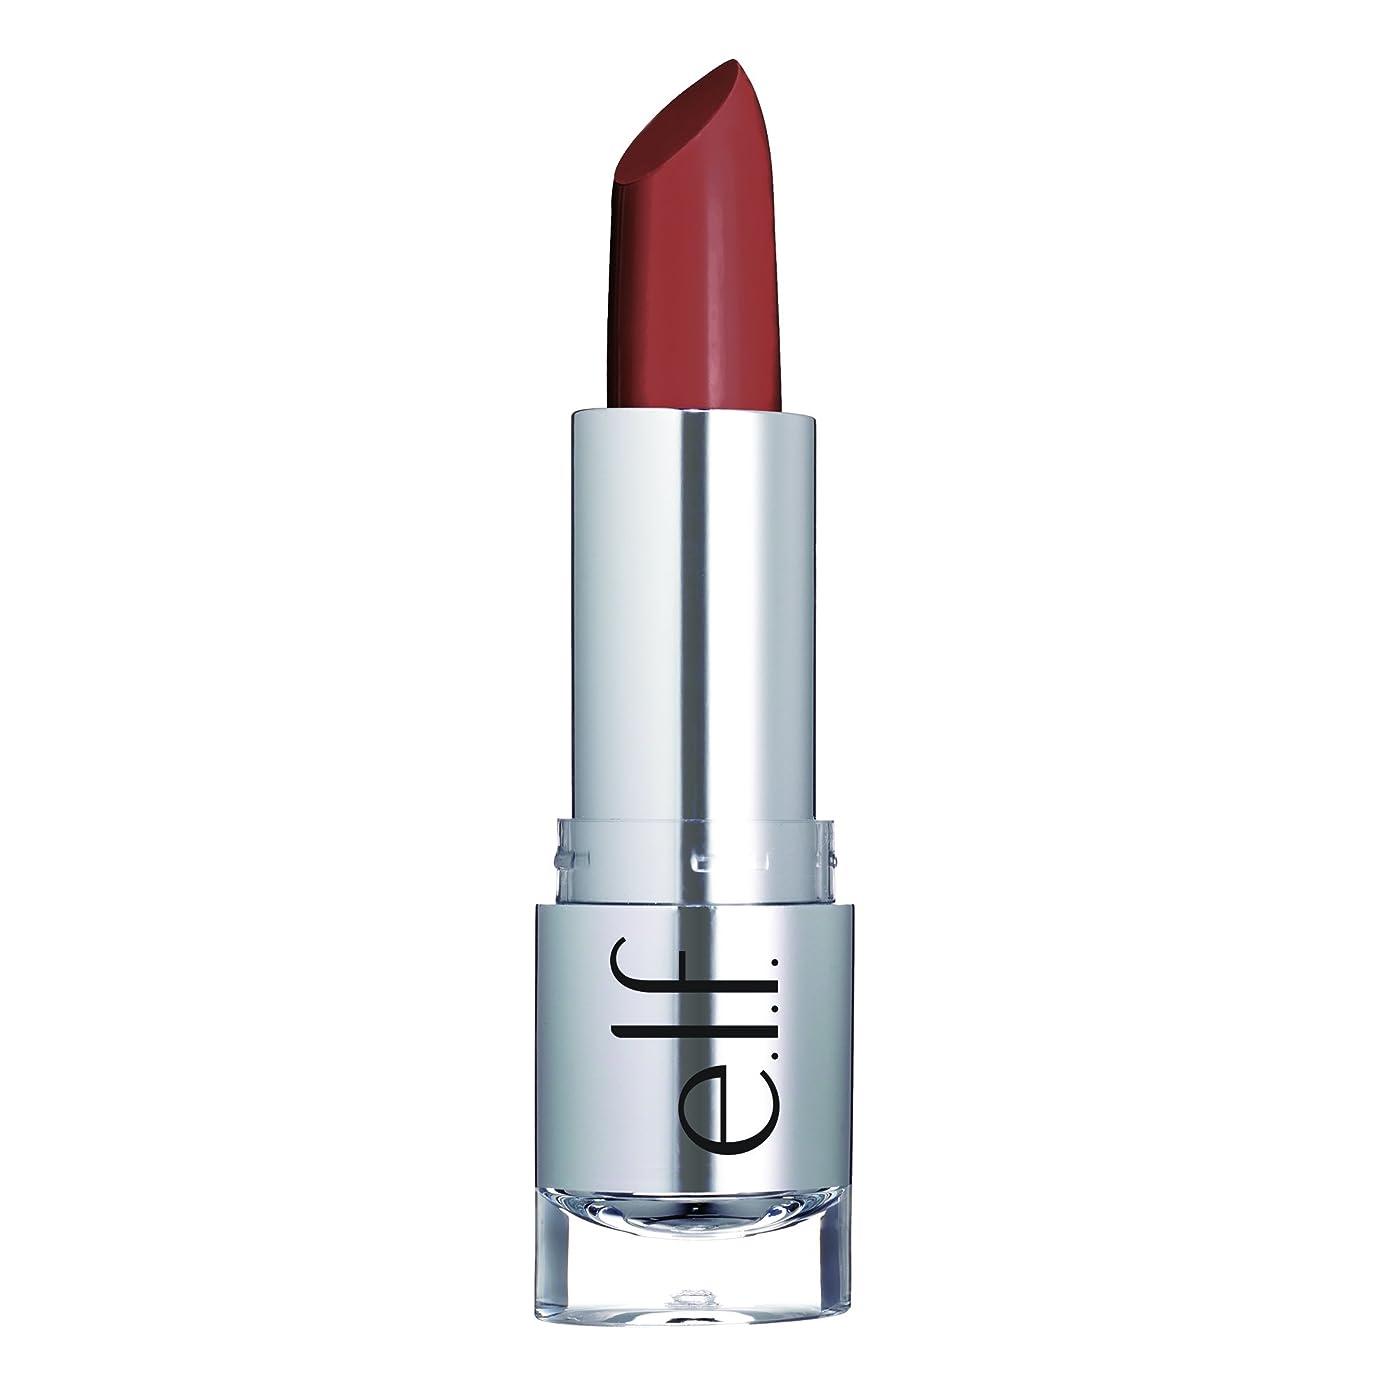 狂気熱心がっかりするE.L.F. Cosmetics, ビューティフルベア, サタンリップスティック, タッチオブブラシ, 0.13 oz (3.8 g)